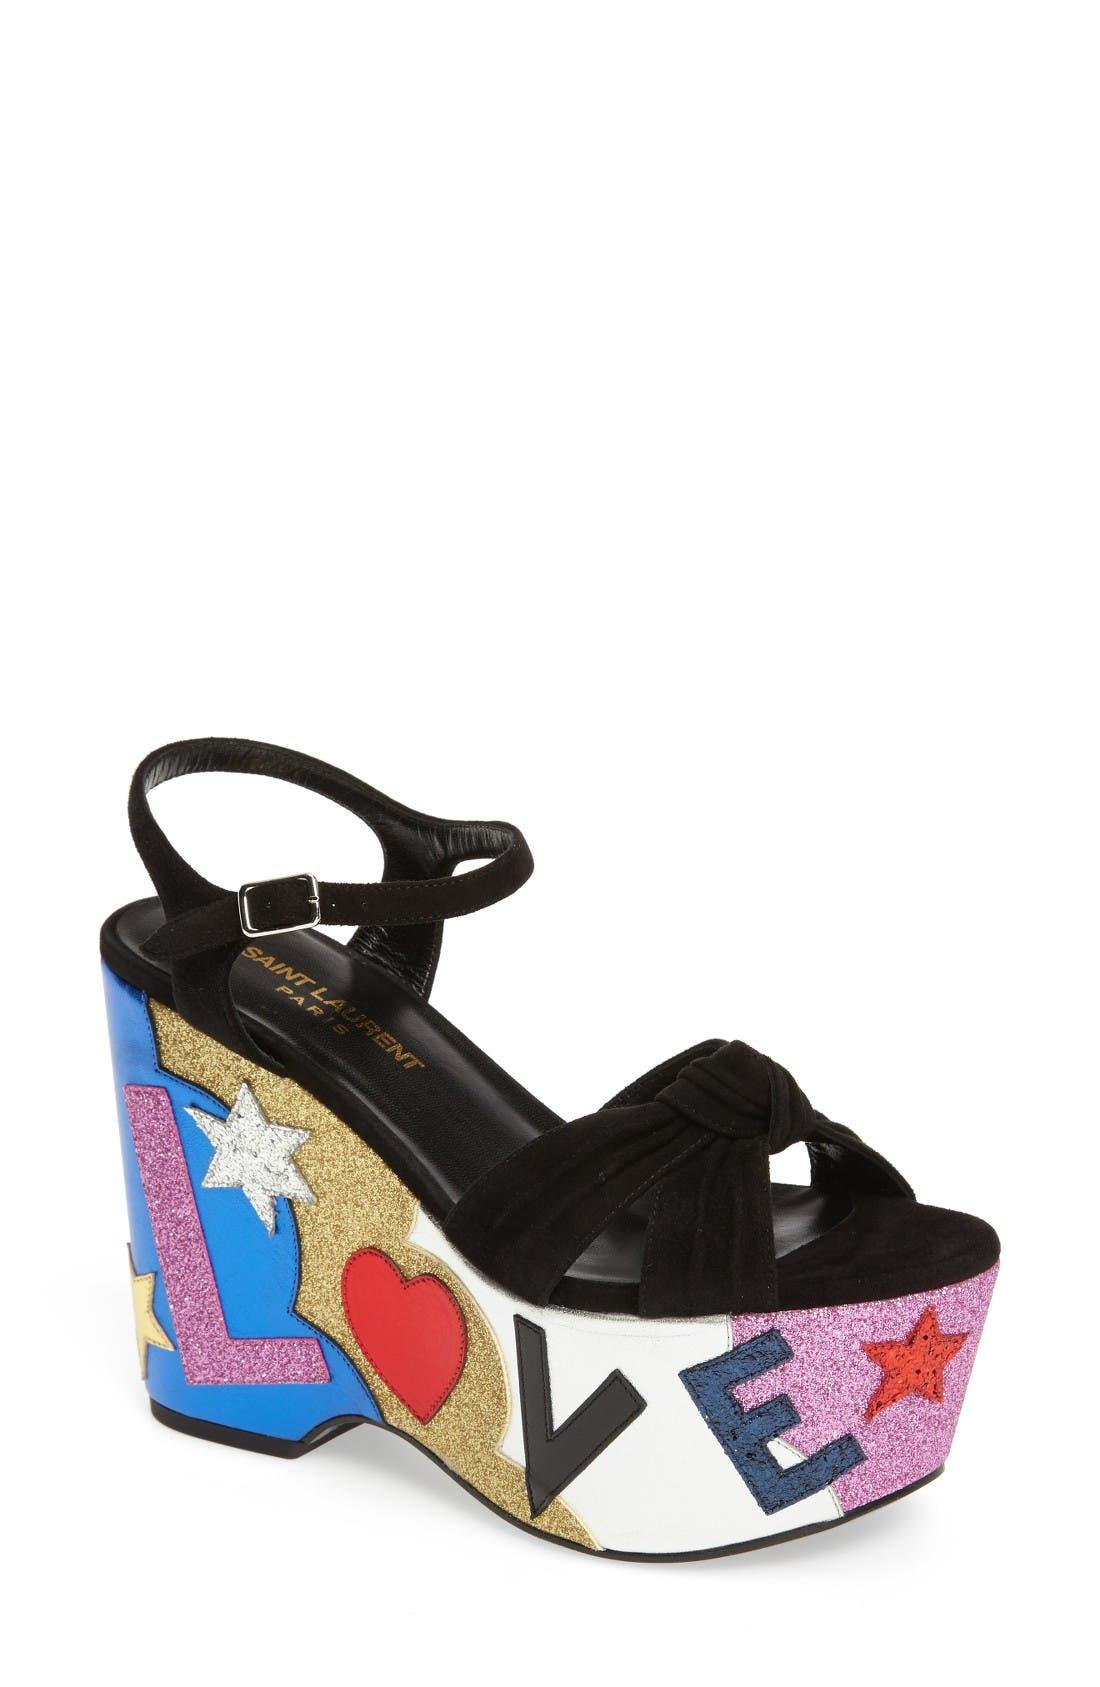 Main Image - Saint Laurent Candy Platform Sandal (Women)